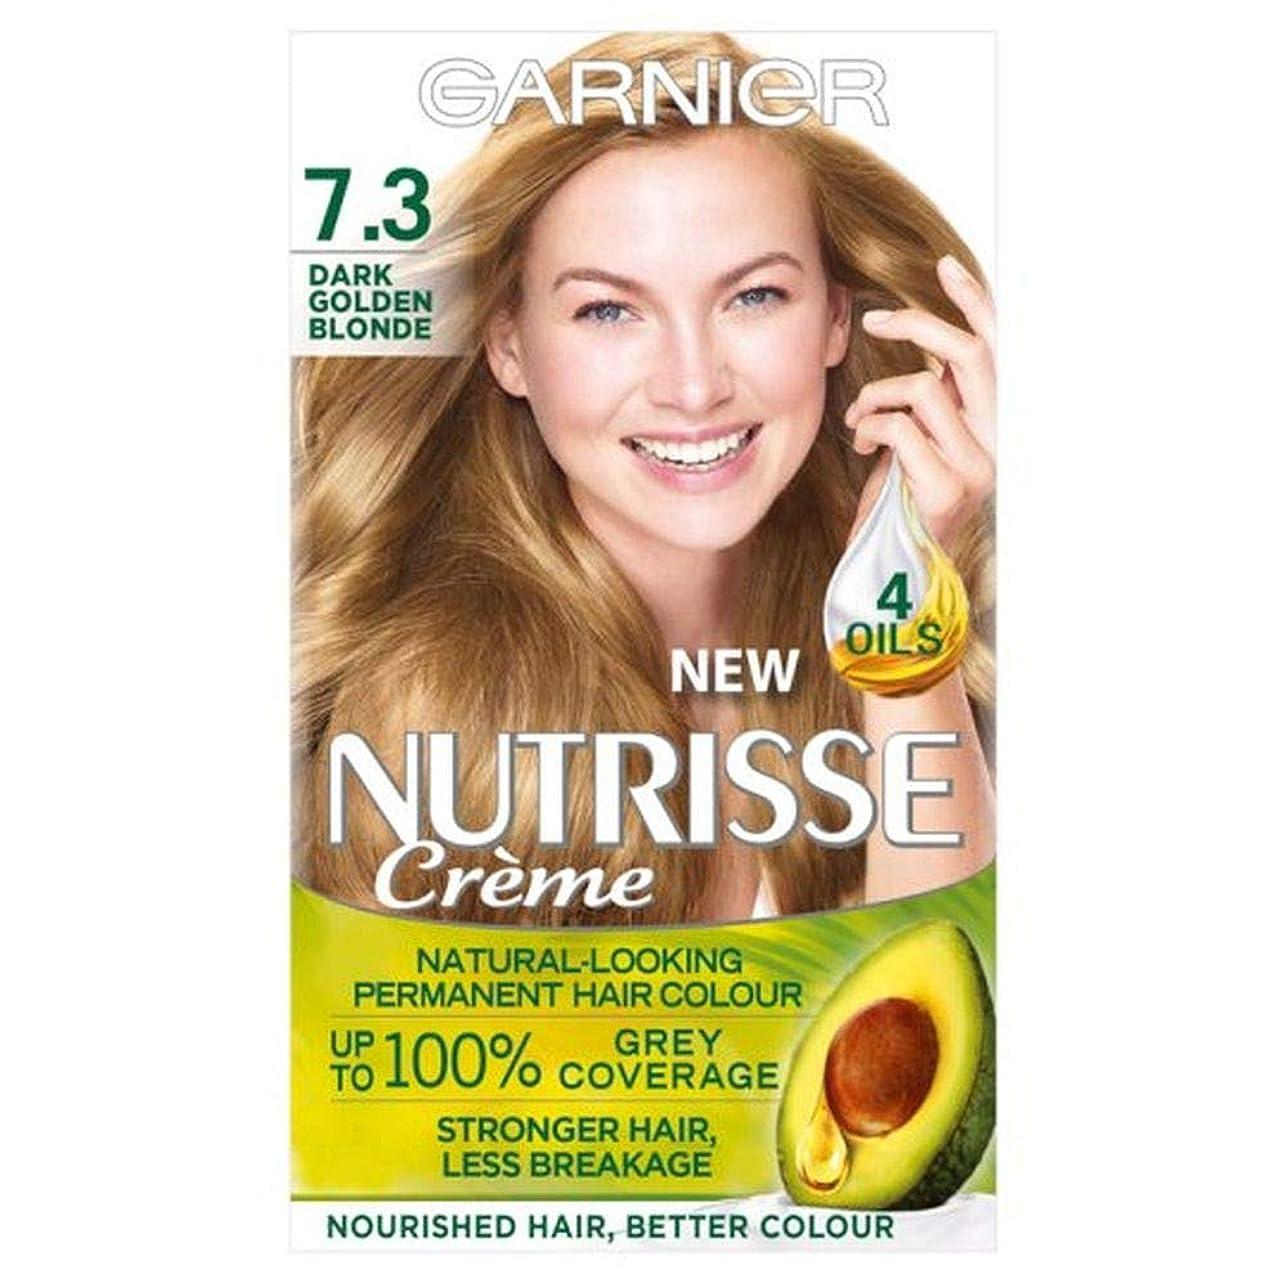 オーロック集計応答[Nutrisse] 7.3暗い金色のブロンドの永久染毛剤Nutrisseガルニエ - Garnier Nutrisse 7.3 Dark Golden Blonde Permanent Hair Dye [並行輸入品]